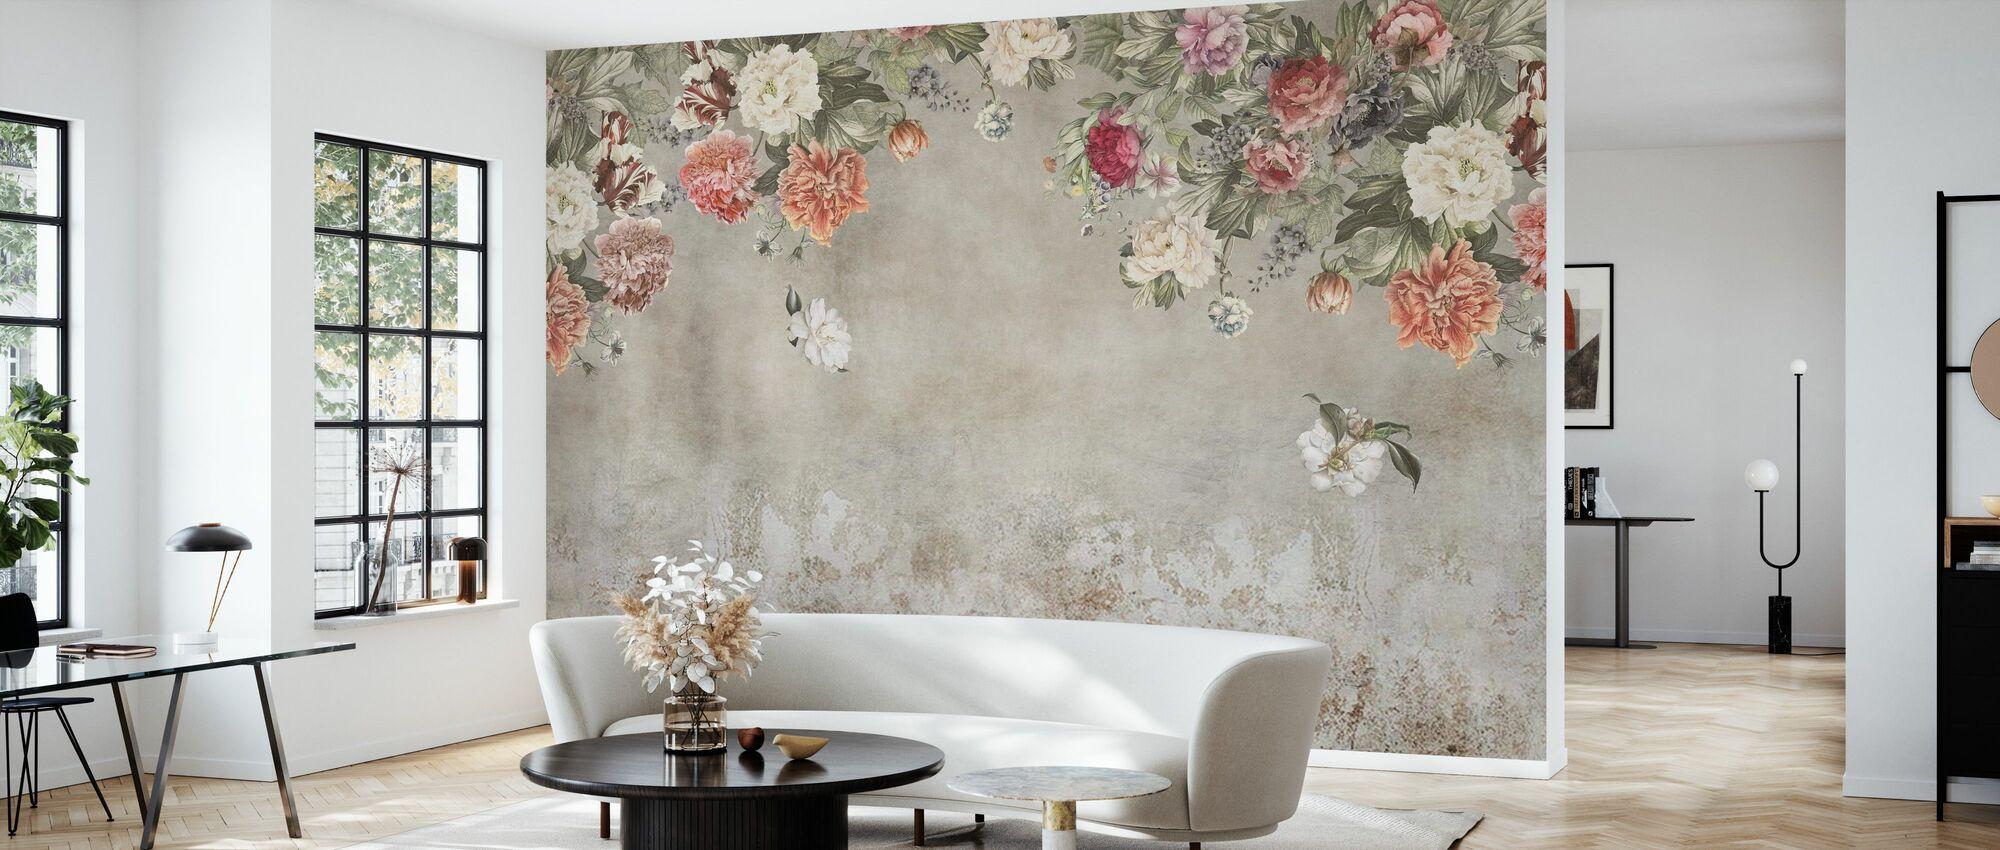 Vintage Blumenmauer - Tapete - Wohnzimmer